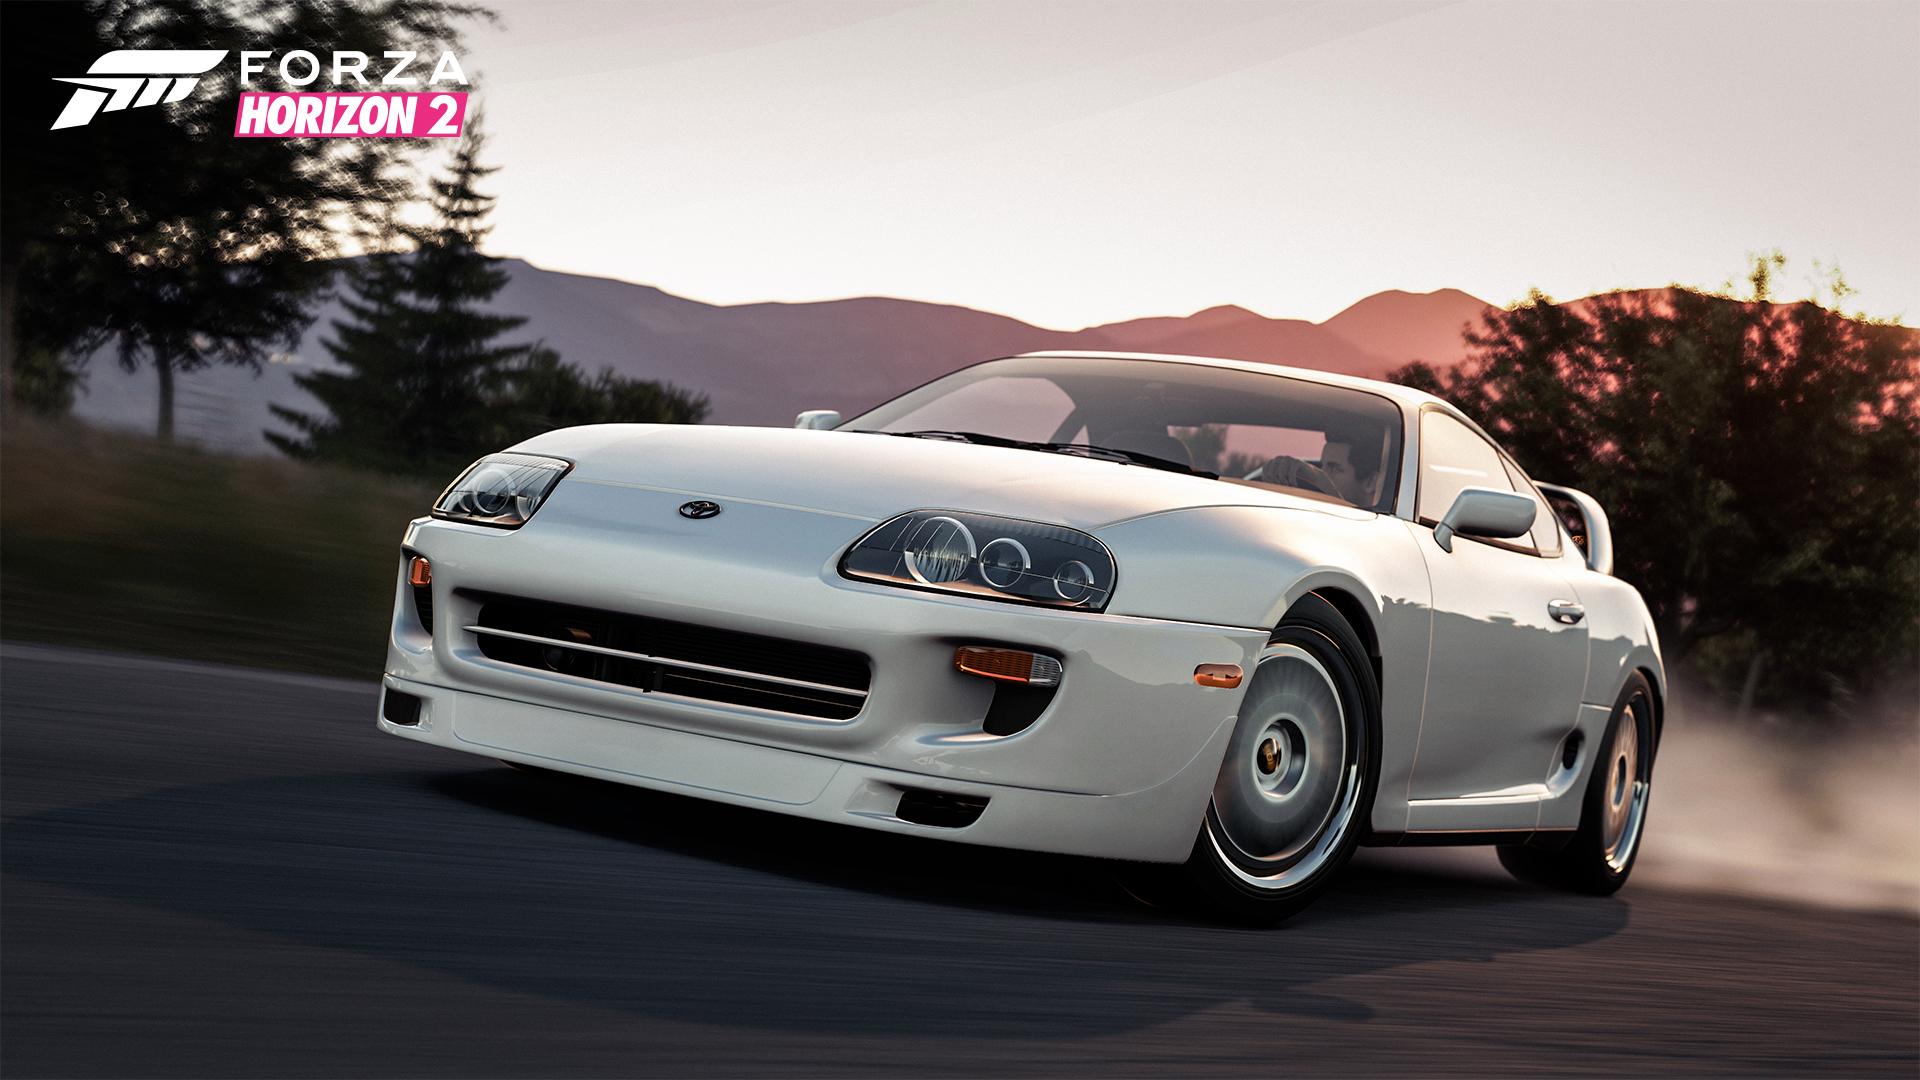 Oito carros incríveis chegando ao Forza Horizon 2 com Furious 7 ...